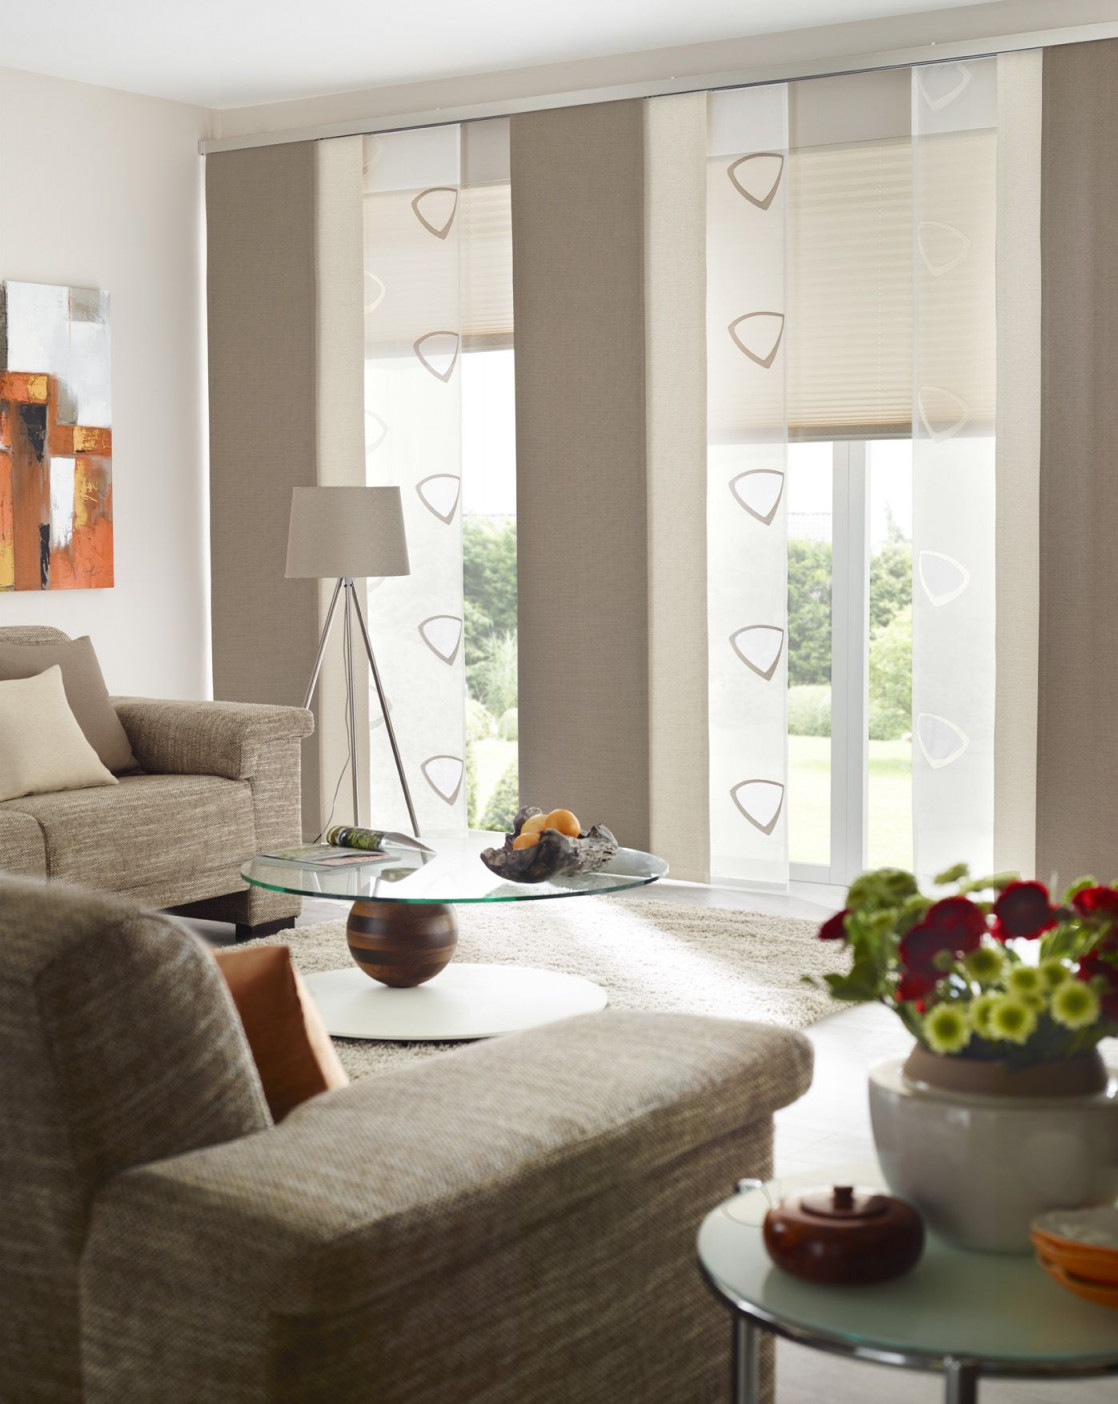 Fenster Urbansteel Gardinen Dekostoffe Vorhang von Gardinen Ideen Wohnzimmer Photo